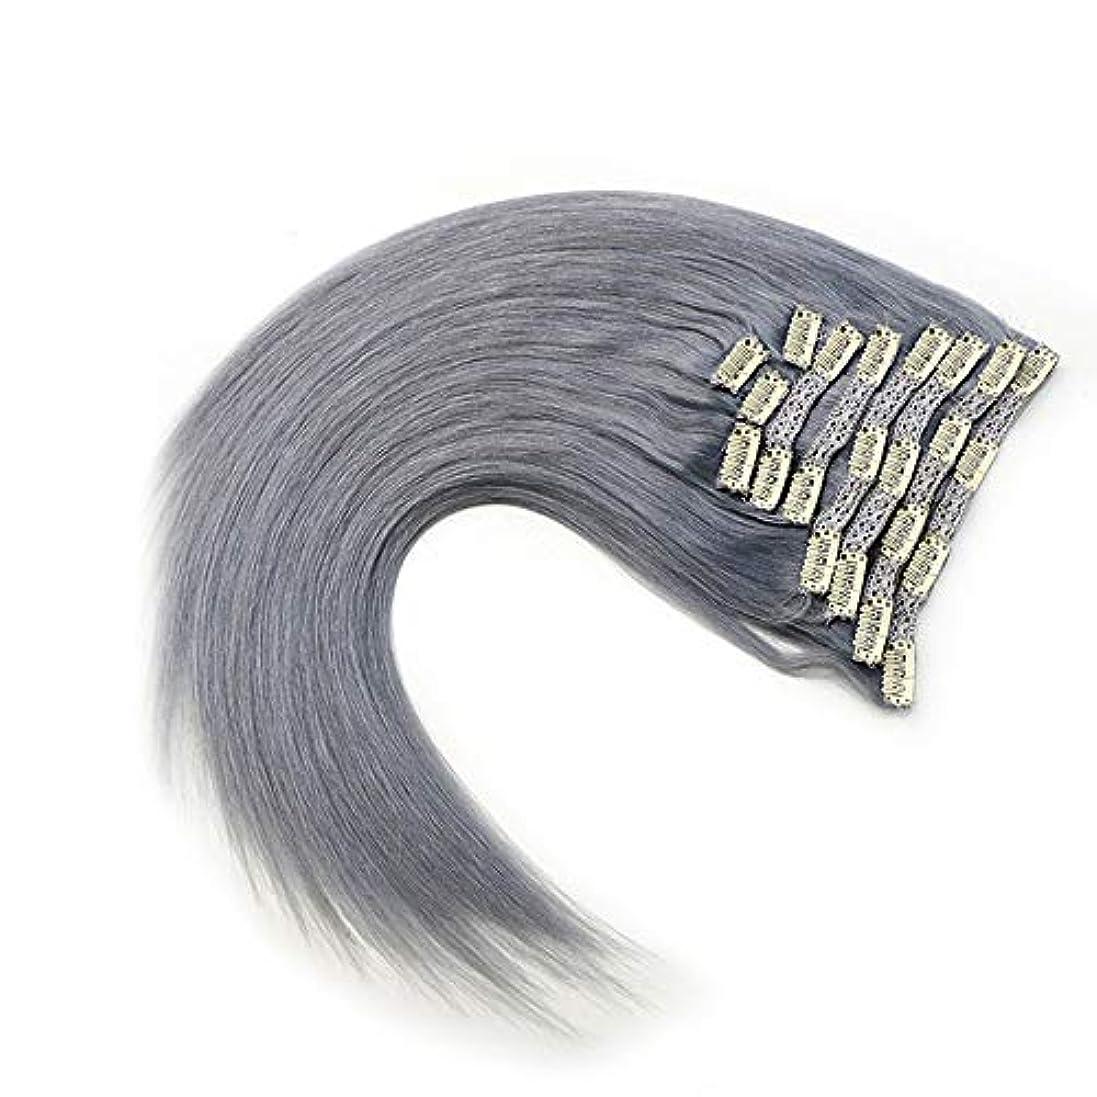 戦い公園遺棄されたWASAIO グレー)、拡張完全な頭部HairHairクリップシームレスな髪型交換用の変更スタイルの作品で未精製レミー人間ヘアクリップ(17